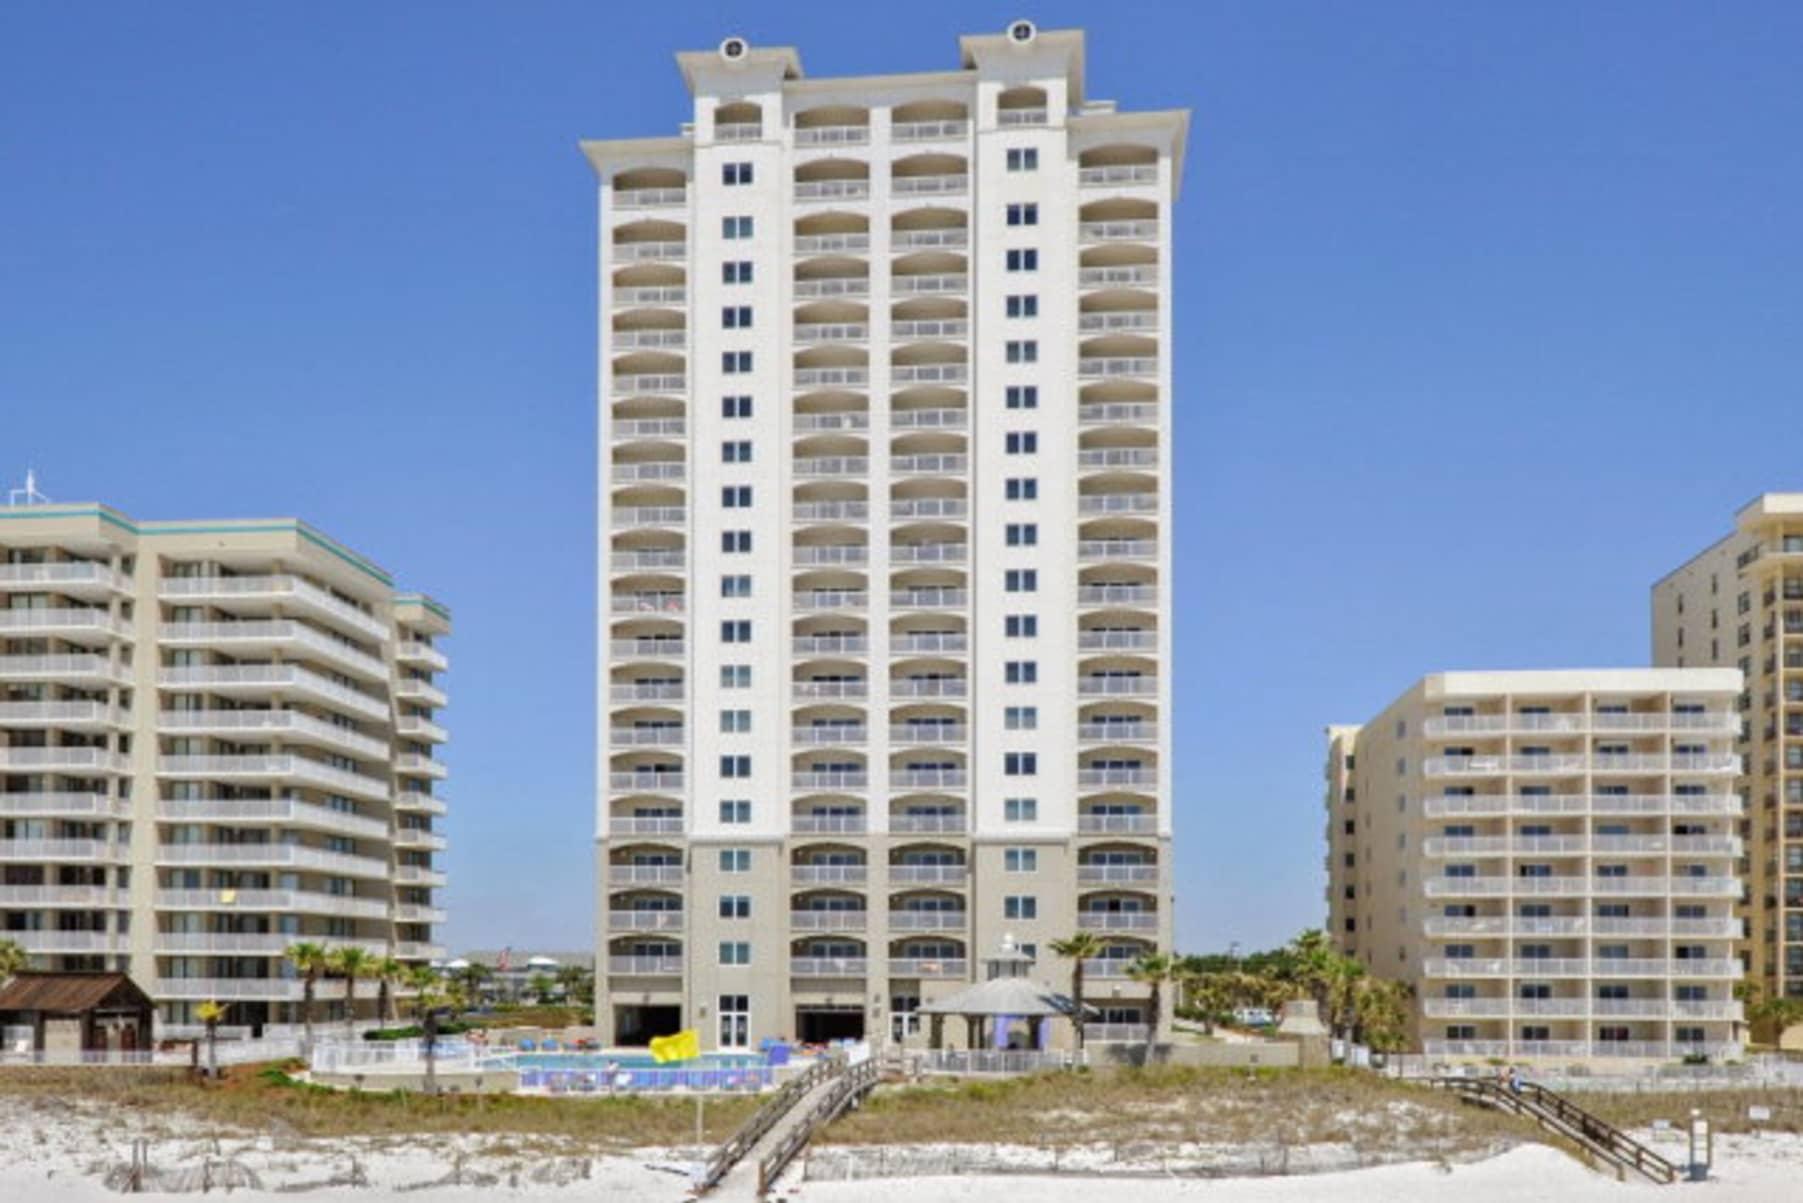 Condos For In Escapes To The Ss Orange Beach Al